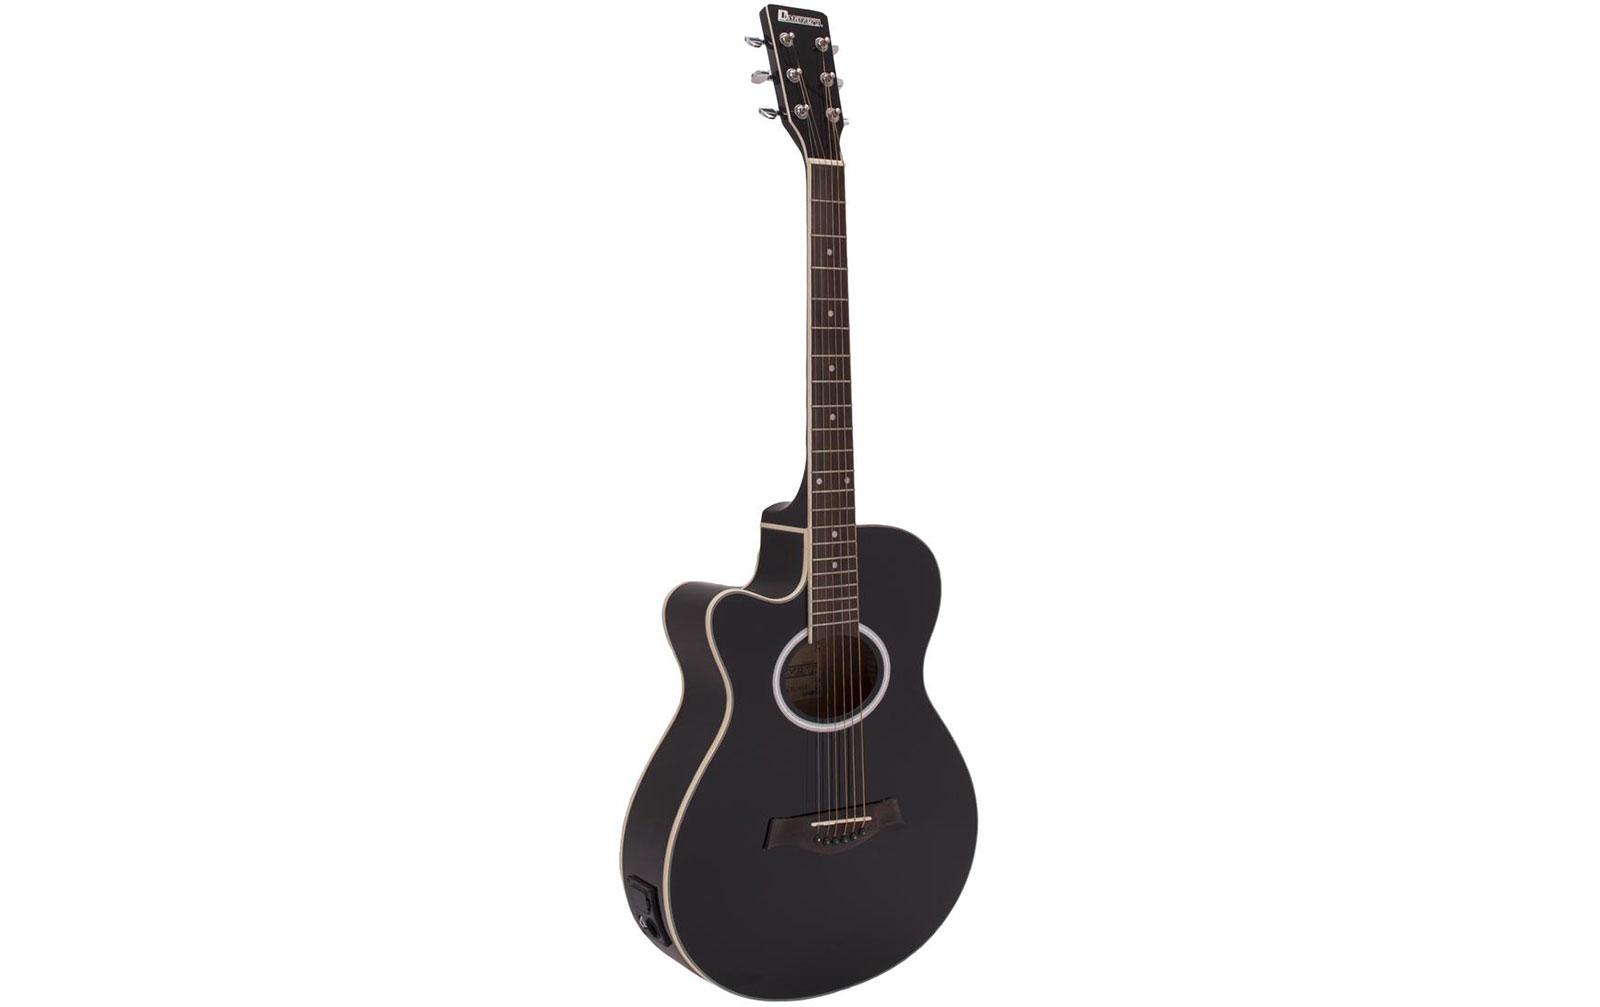 dimavery-aw-400-western-gitarre-lh-schwarz